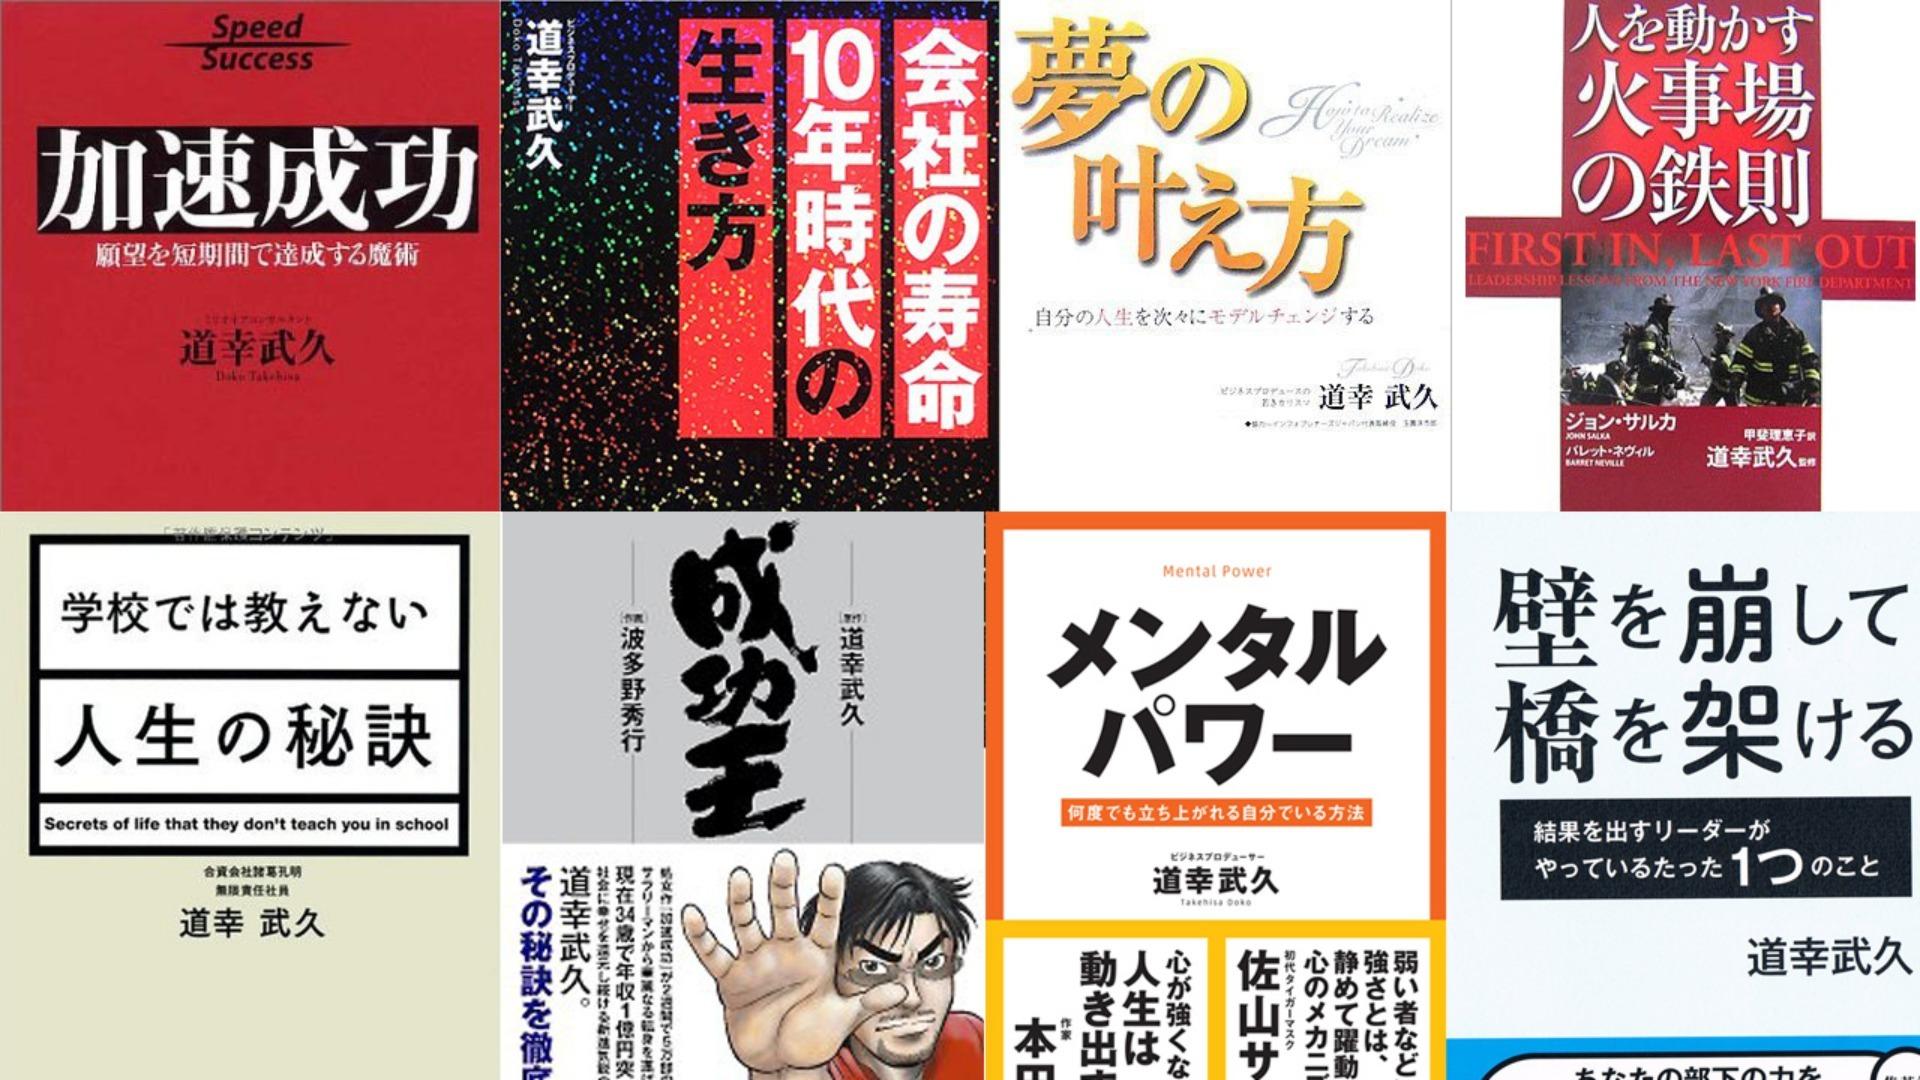 21.9.09【ビジネス編】第33回 TVは広告